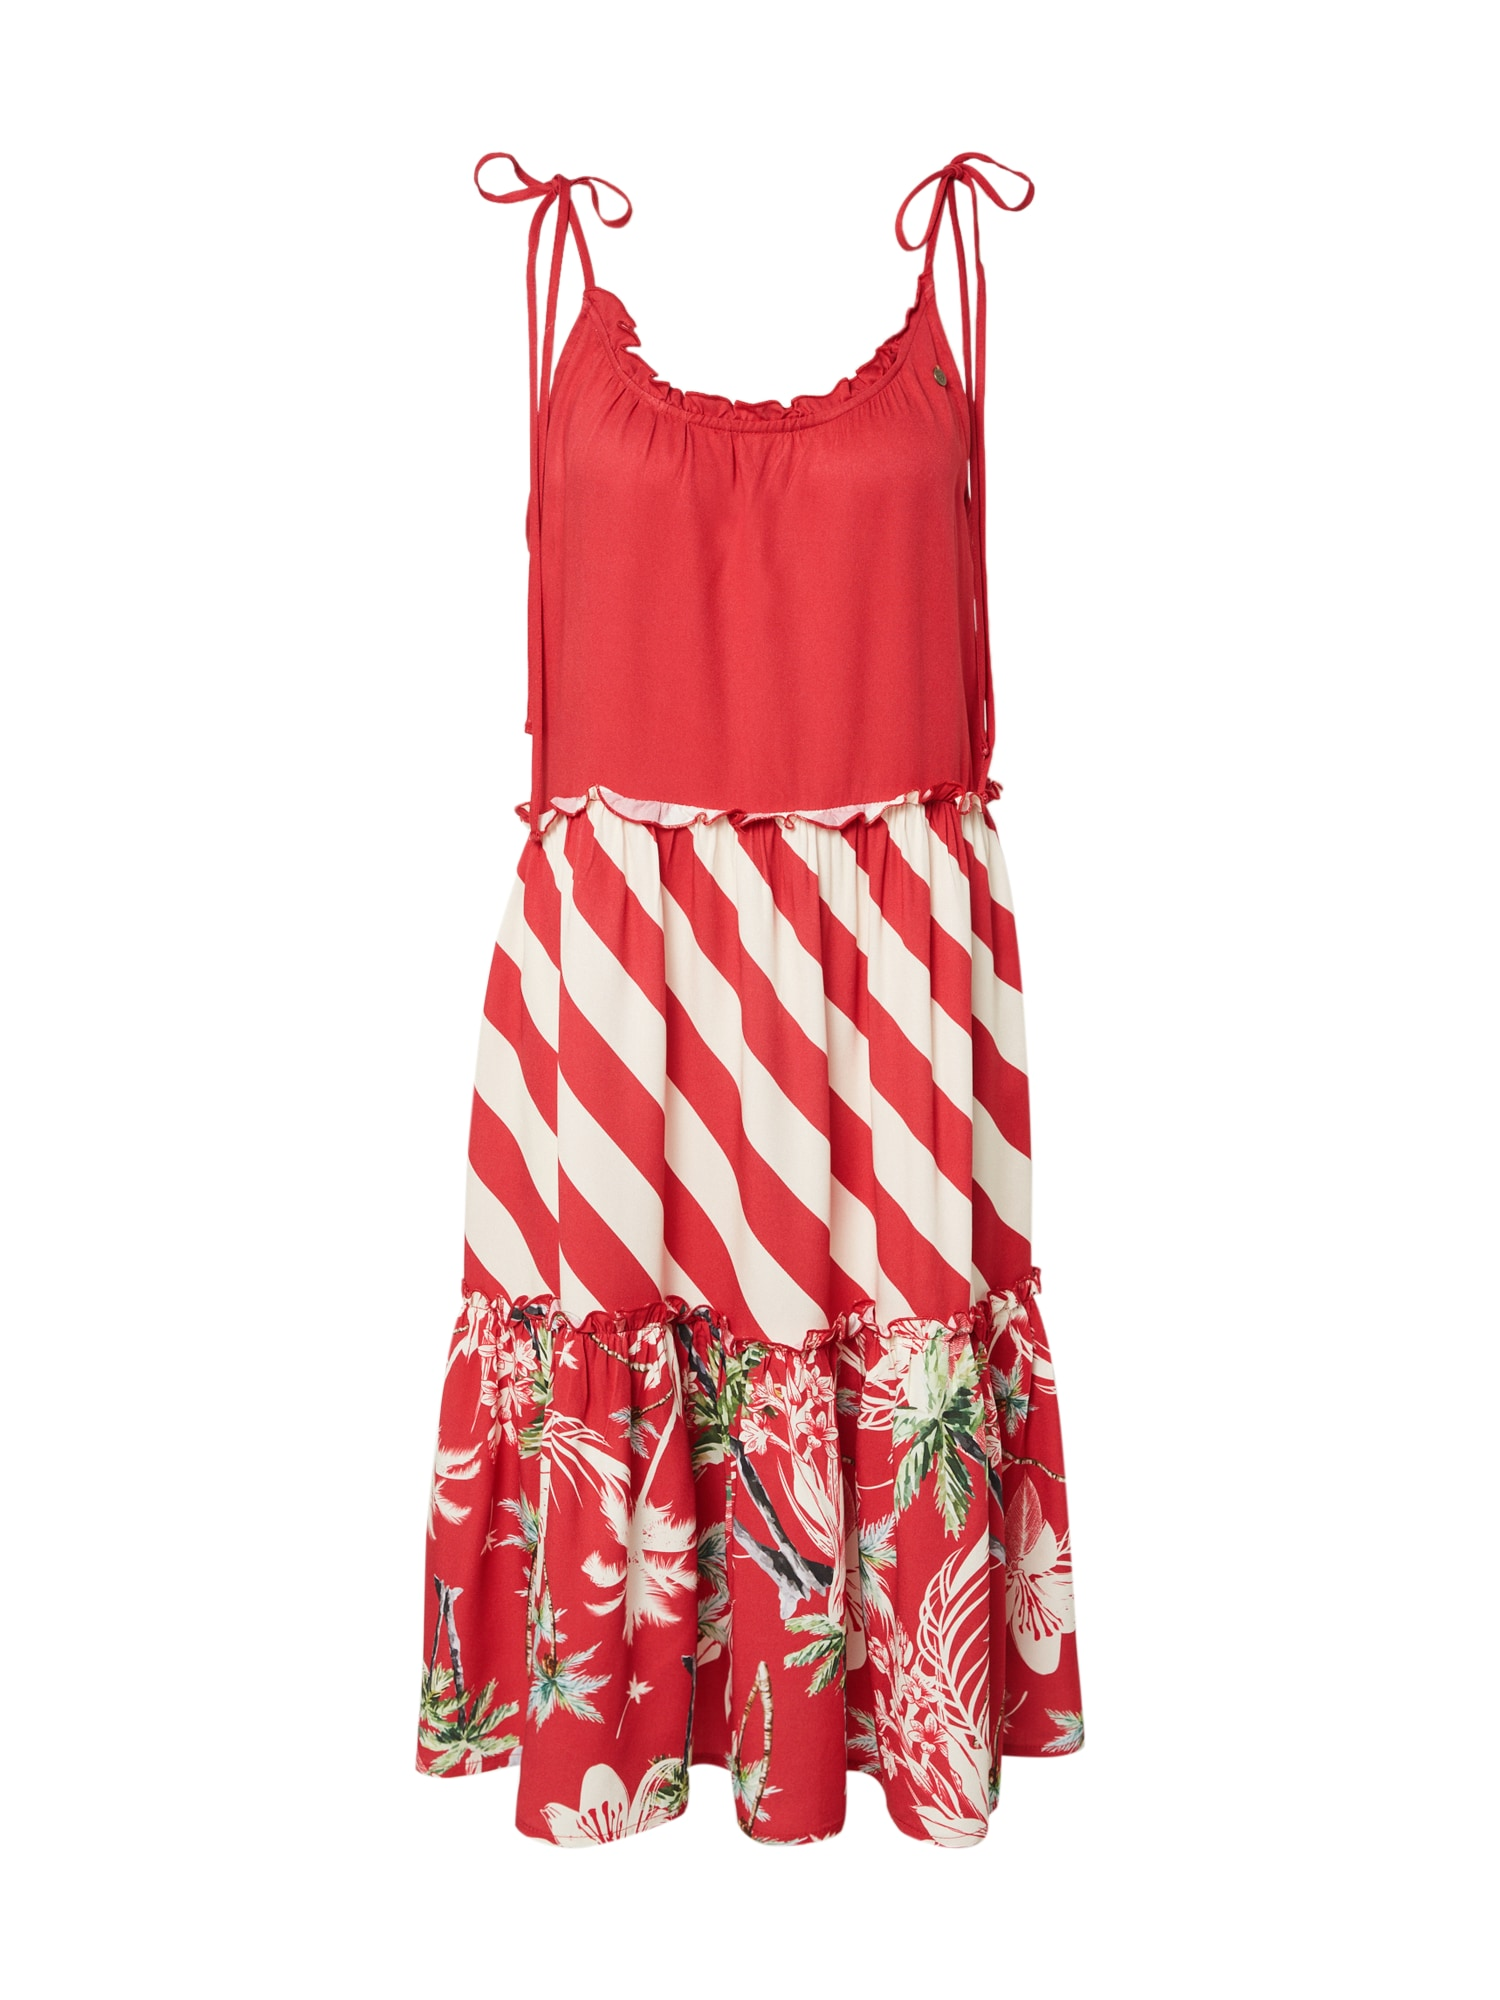 Femi Stories Vasarinė suknelė 'SALI' raudona / mišrios spalvos